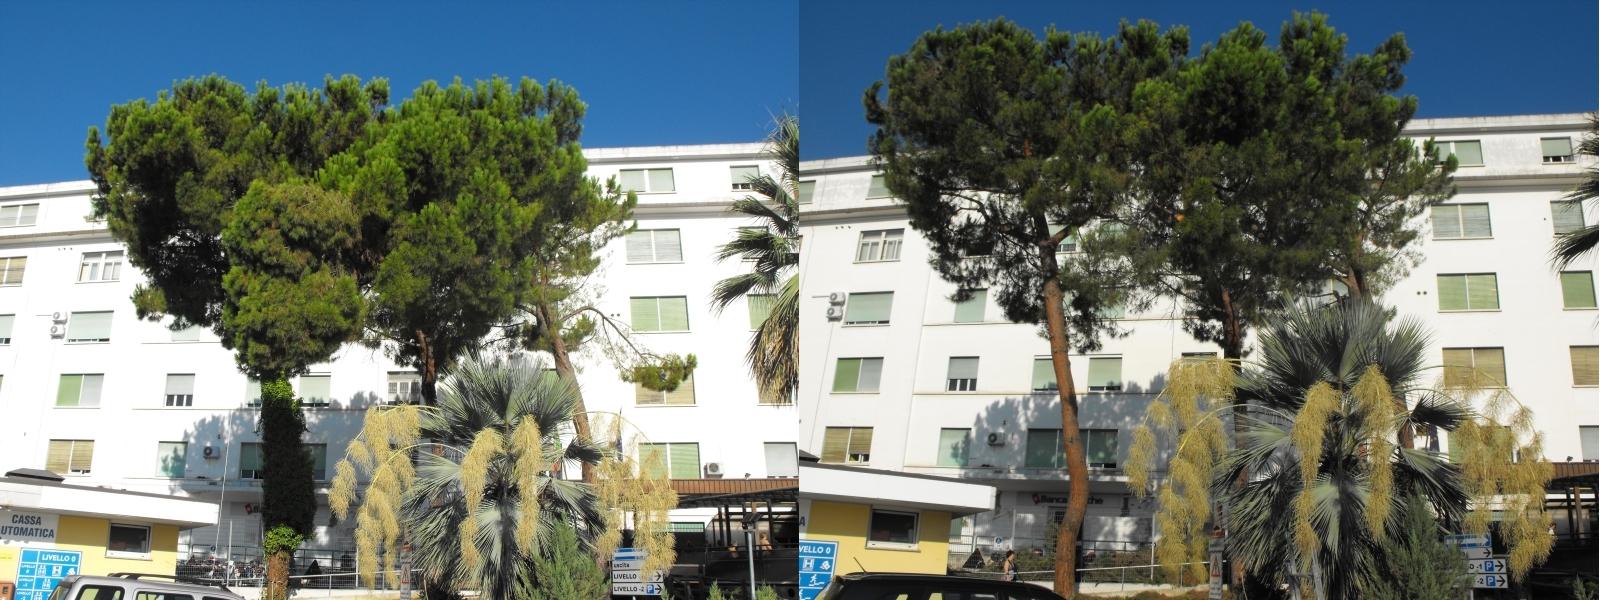 Prima e Dopo - San Benedetto del Tronto - Ospedale Civile